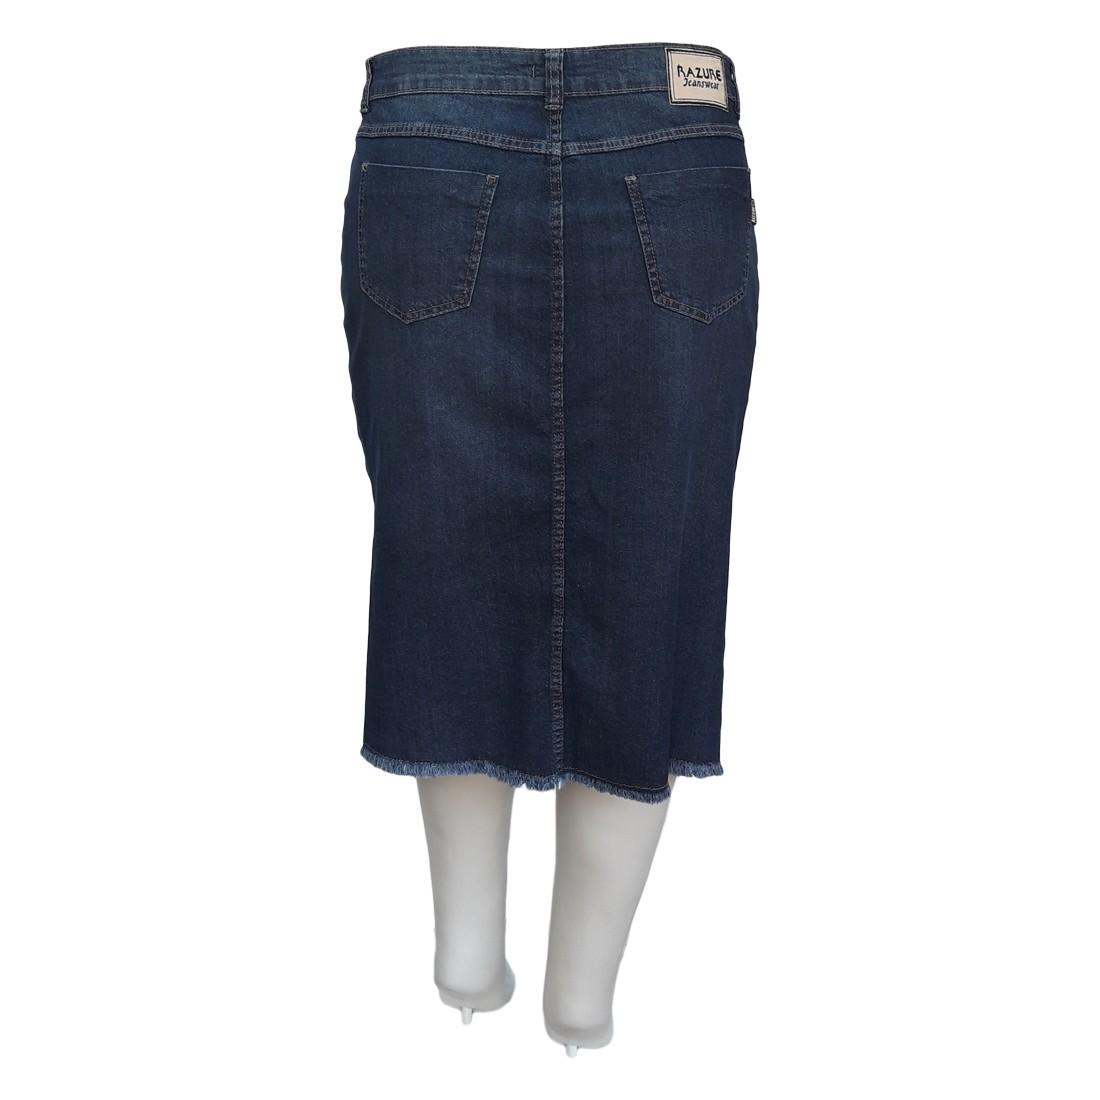 Saia Jeans Plus Size Barra Desfiada Ref 02 Moda Evangélica